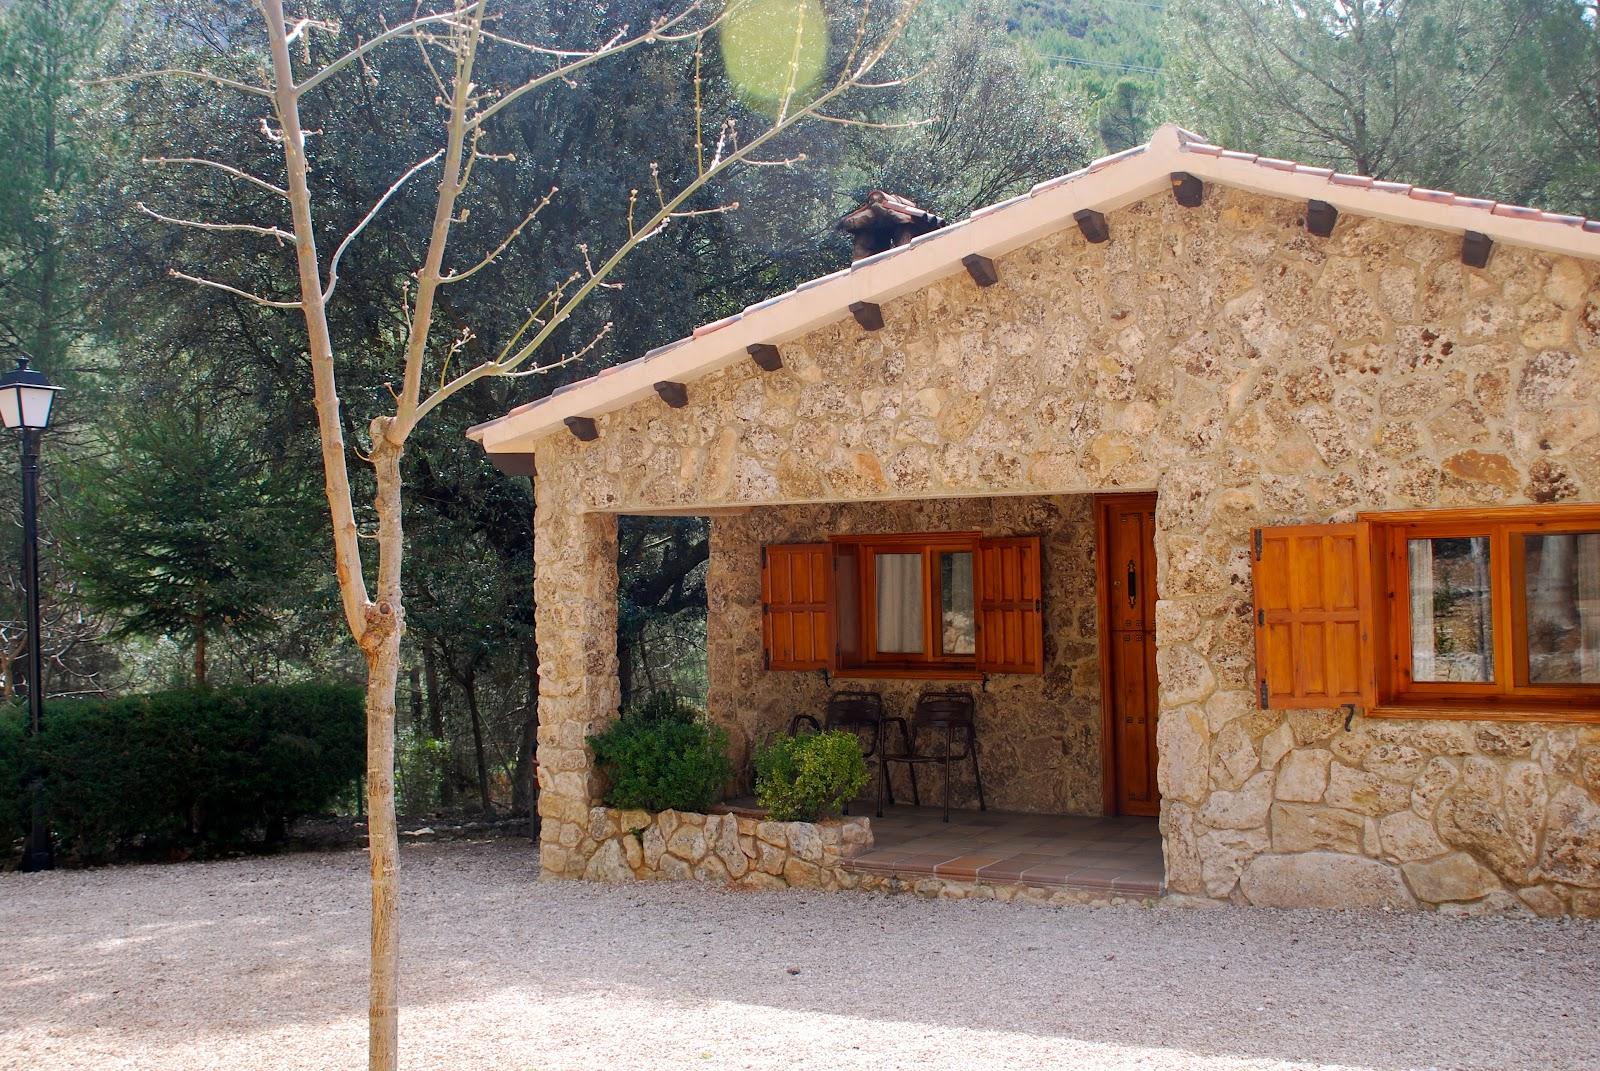 Casa rural para dos personas en casas rurales batan r o tus en yeste albacete casas rurales - Casa rural para 4 personas ...